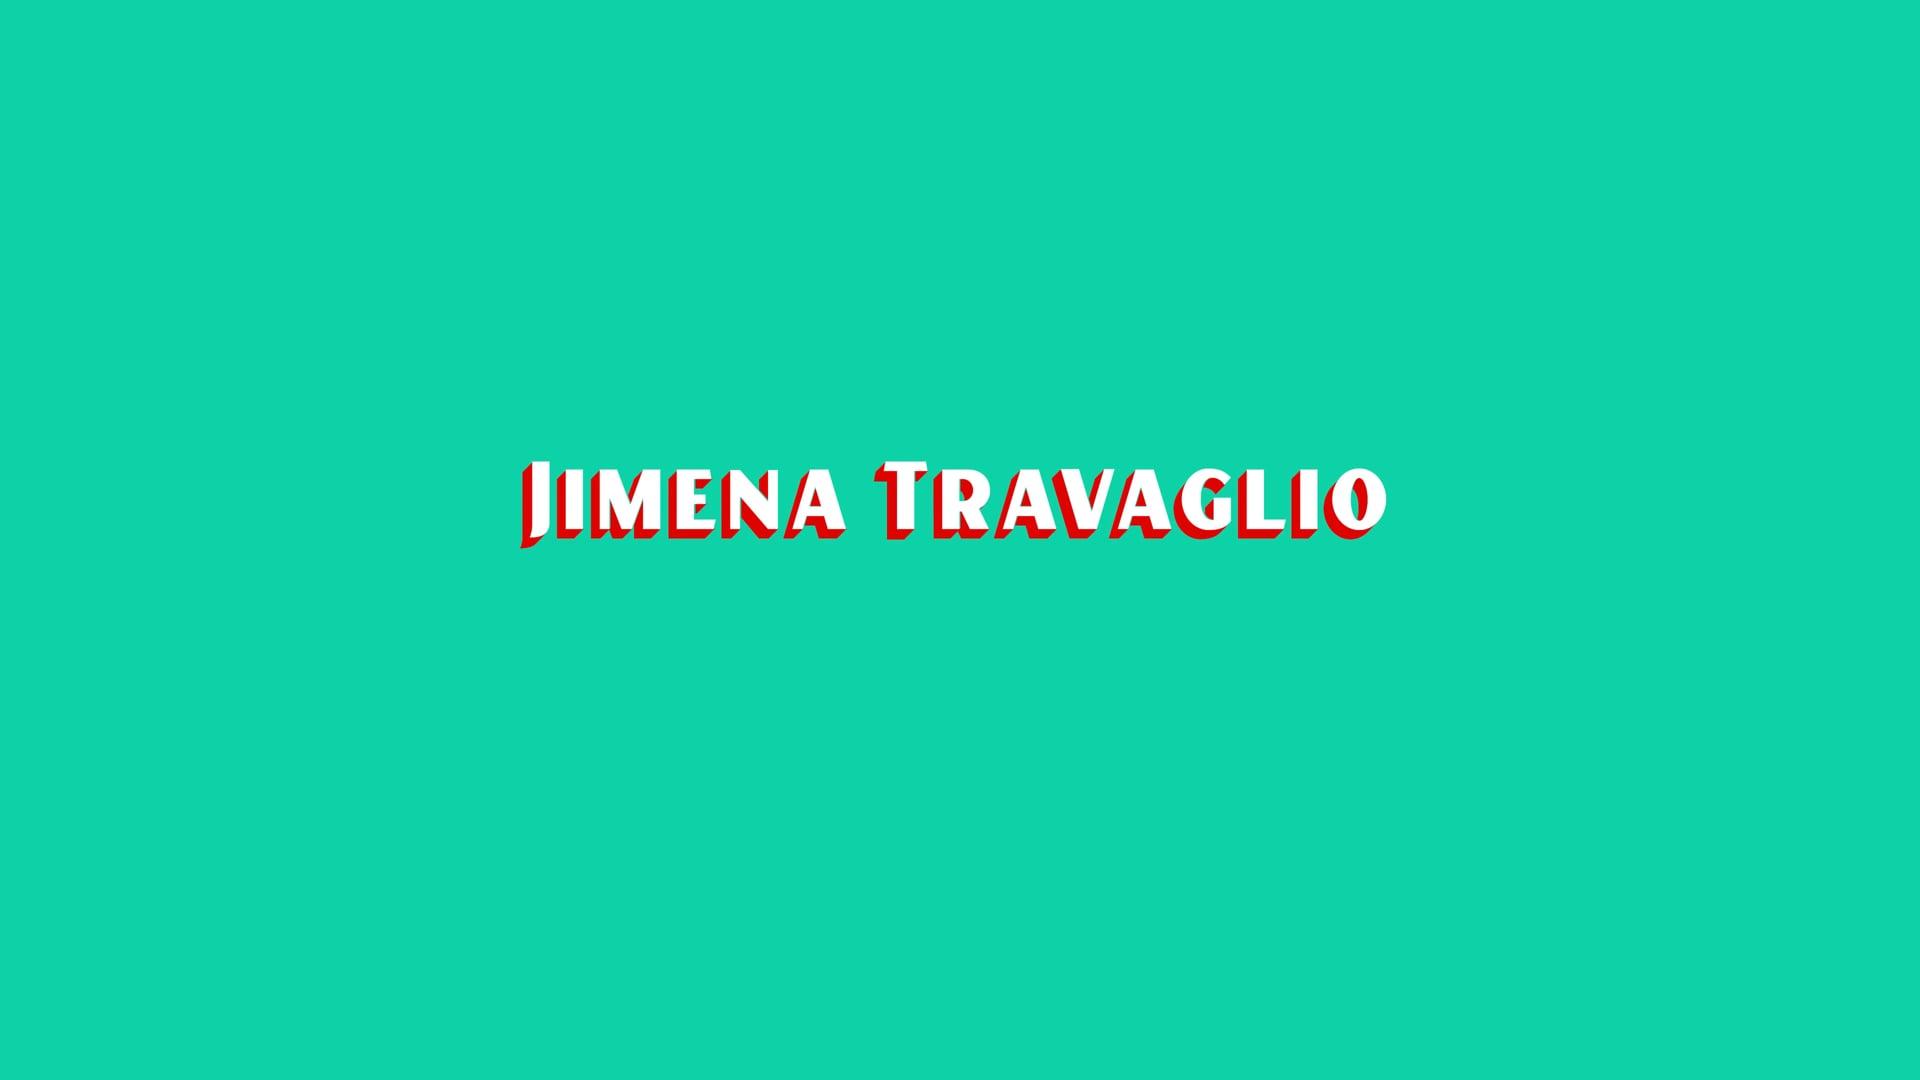 Jimena Travaglio (enero-febrero 2020) - Residencias R.A.R.O. Madrid